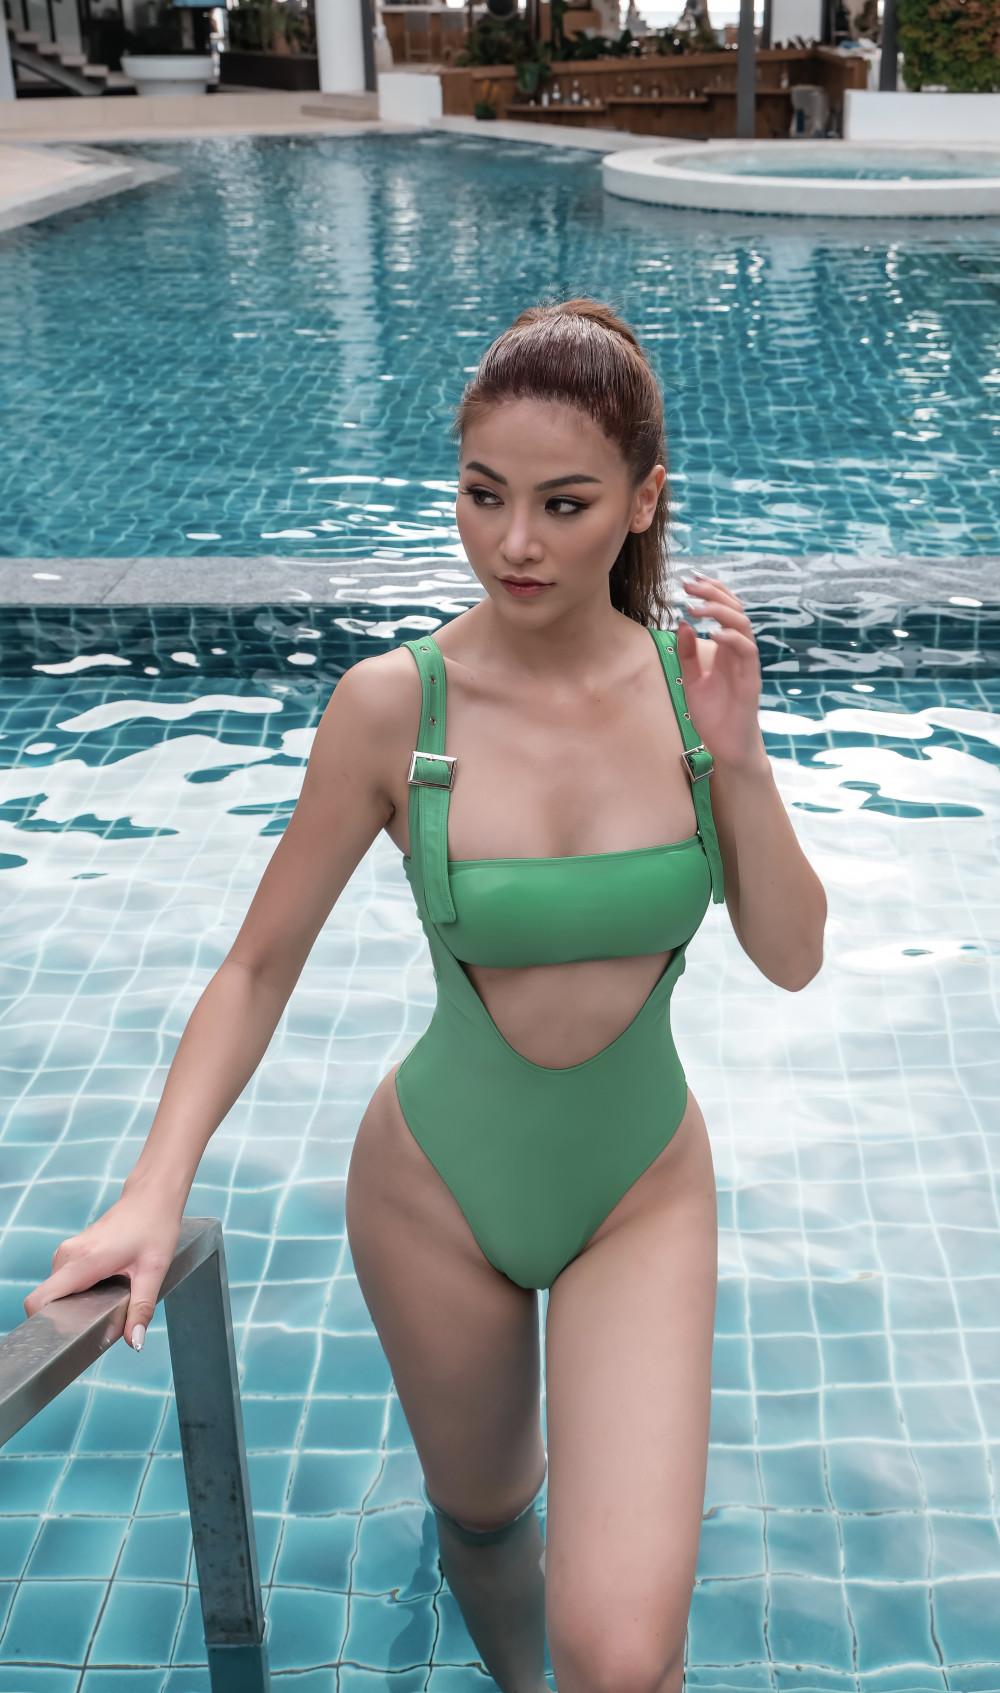 Sau đăng quang Hoa hậu Trái Đất 2018, Phương Khánh luôn chú trọng về mặt hình ảnh mỗi lần xuất hiện trước công chúng.